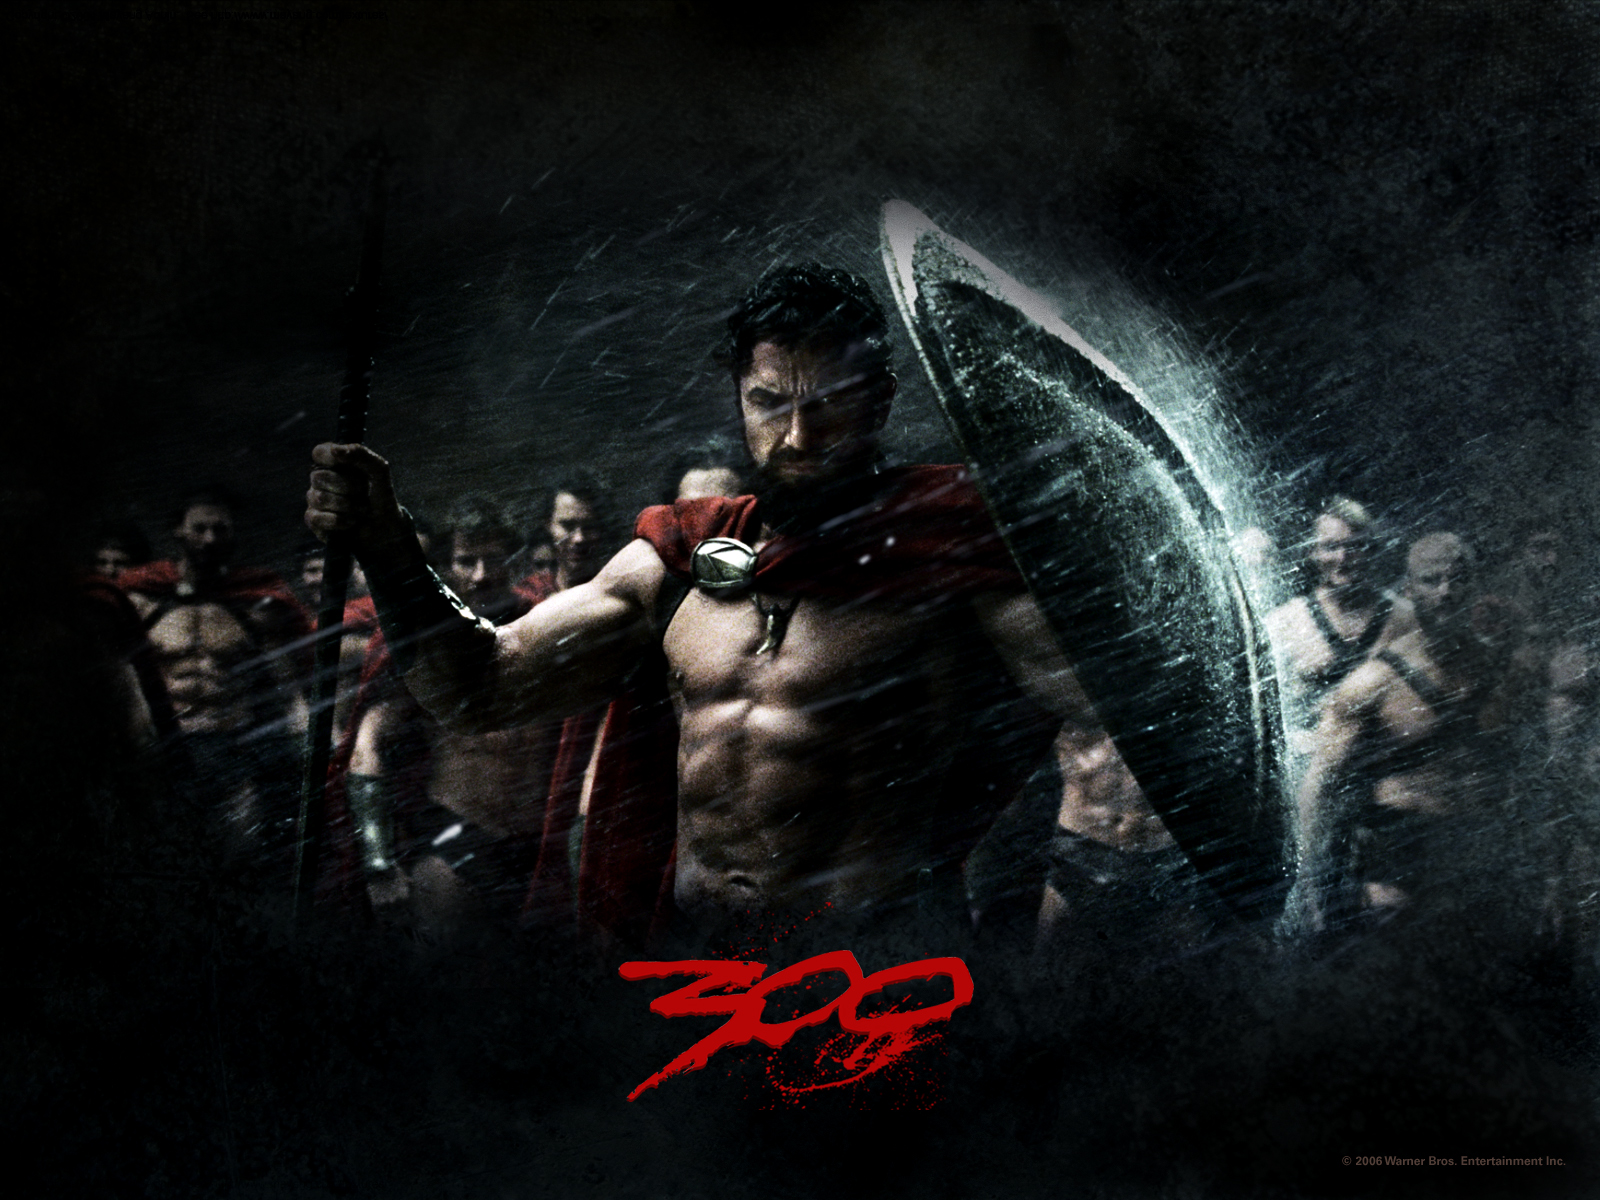 300 Spartalı filmi: aktörler ve roller